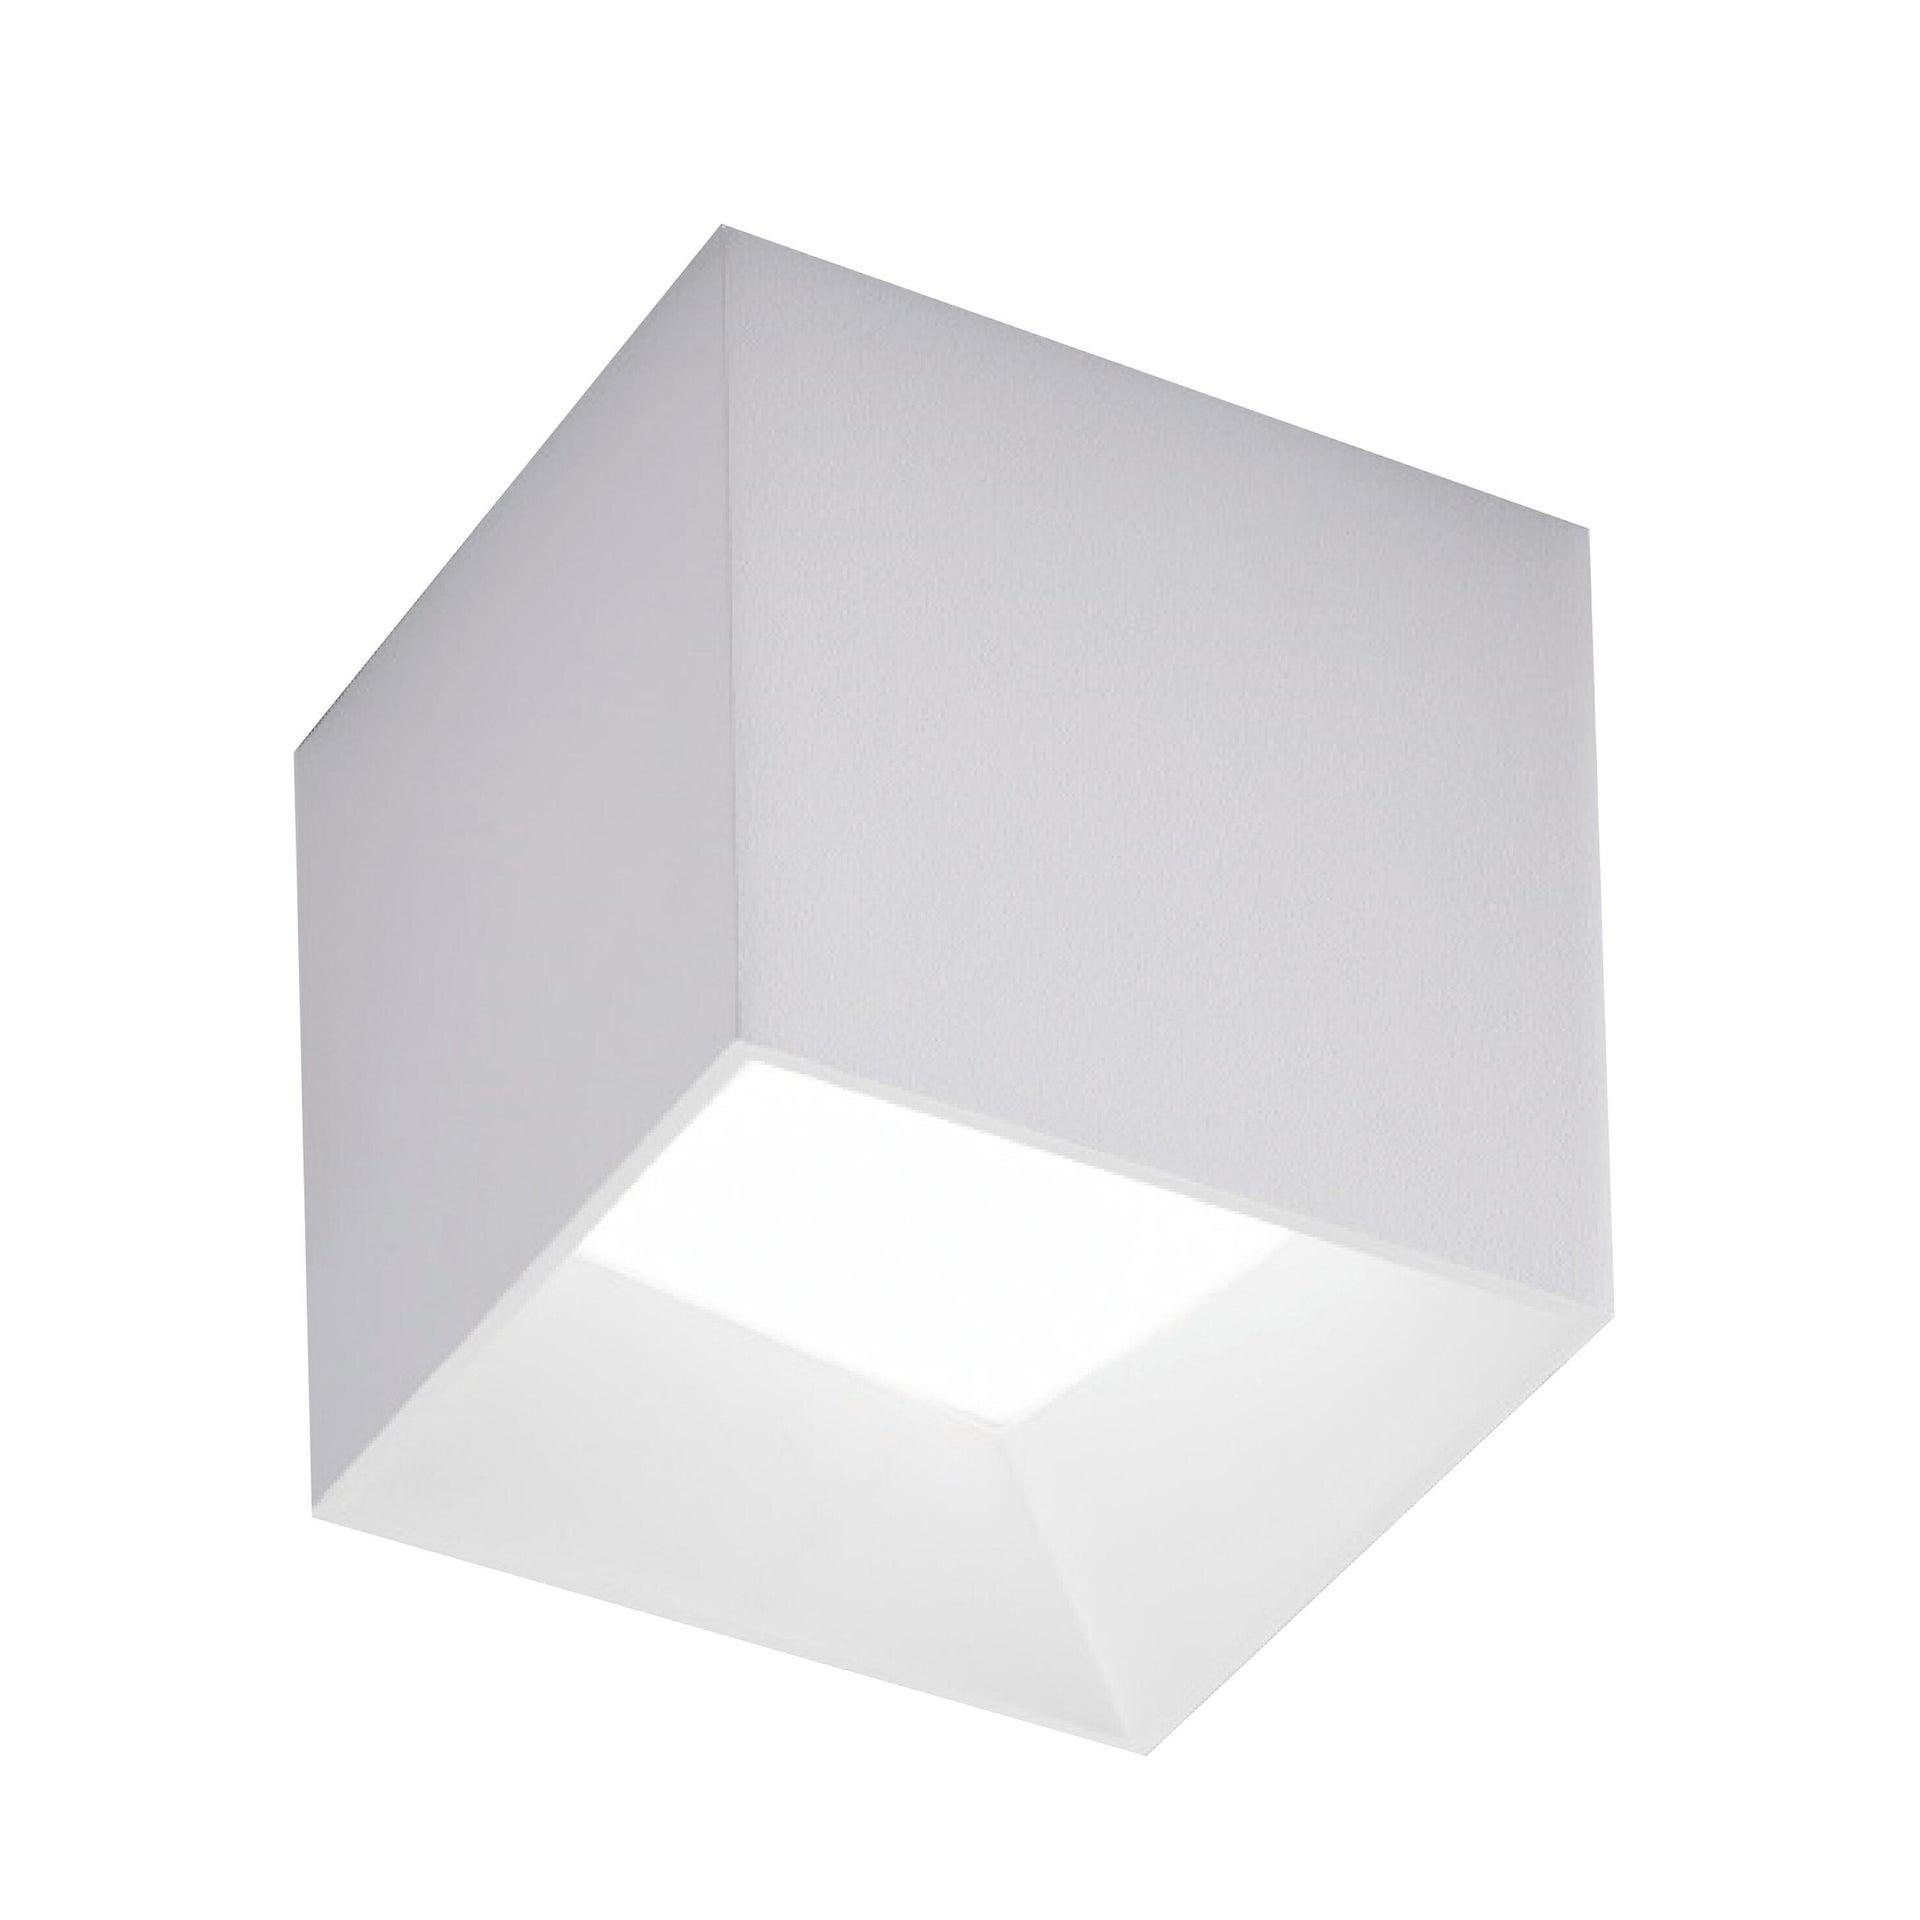 Plafoniera design Cube LED integrato bianco10.5x10.5 cm, - 1